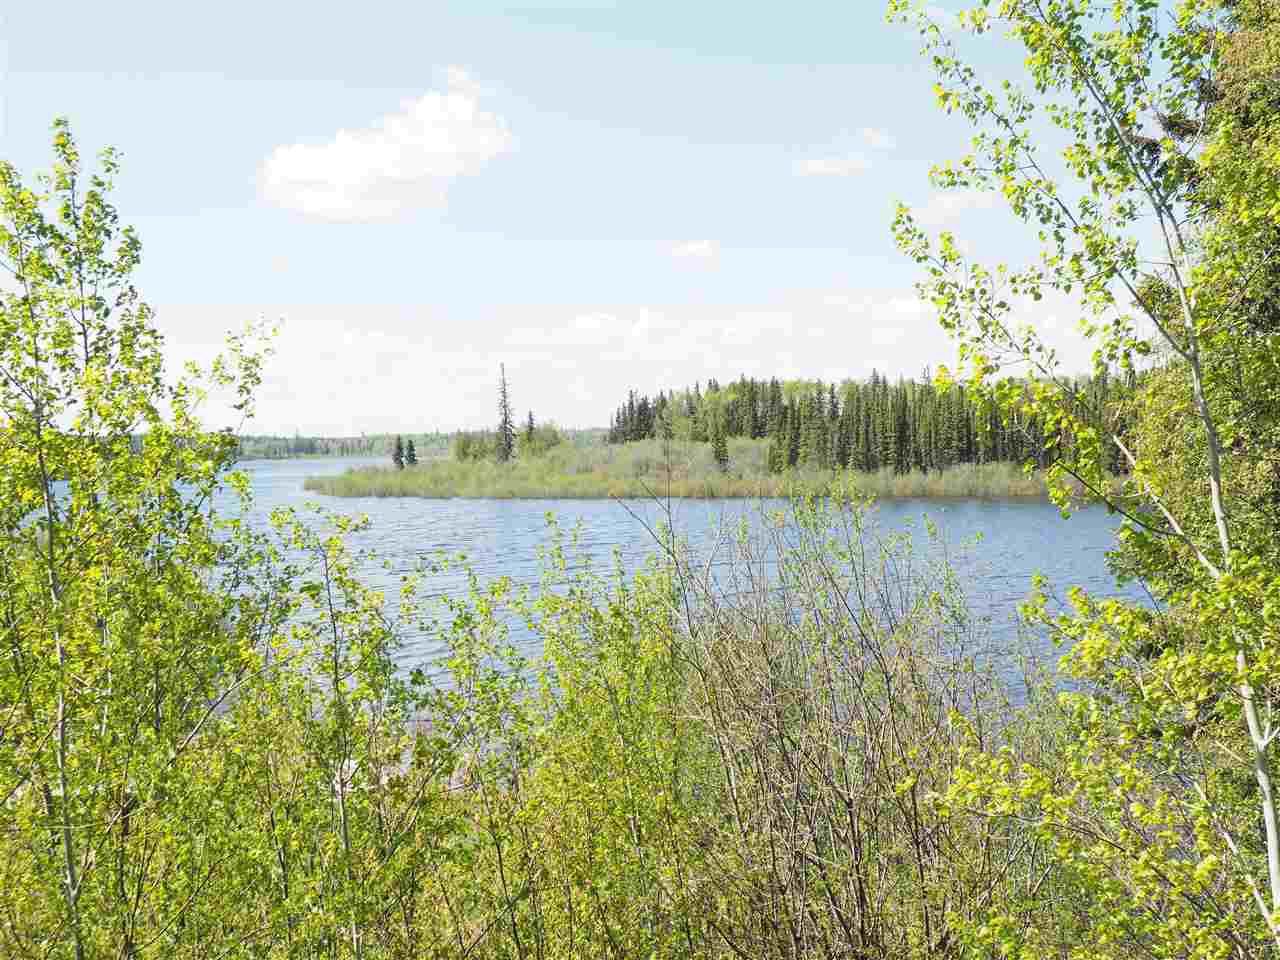 Lake/Creek mouth view